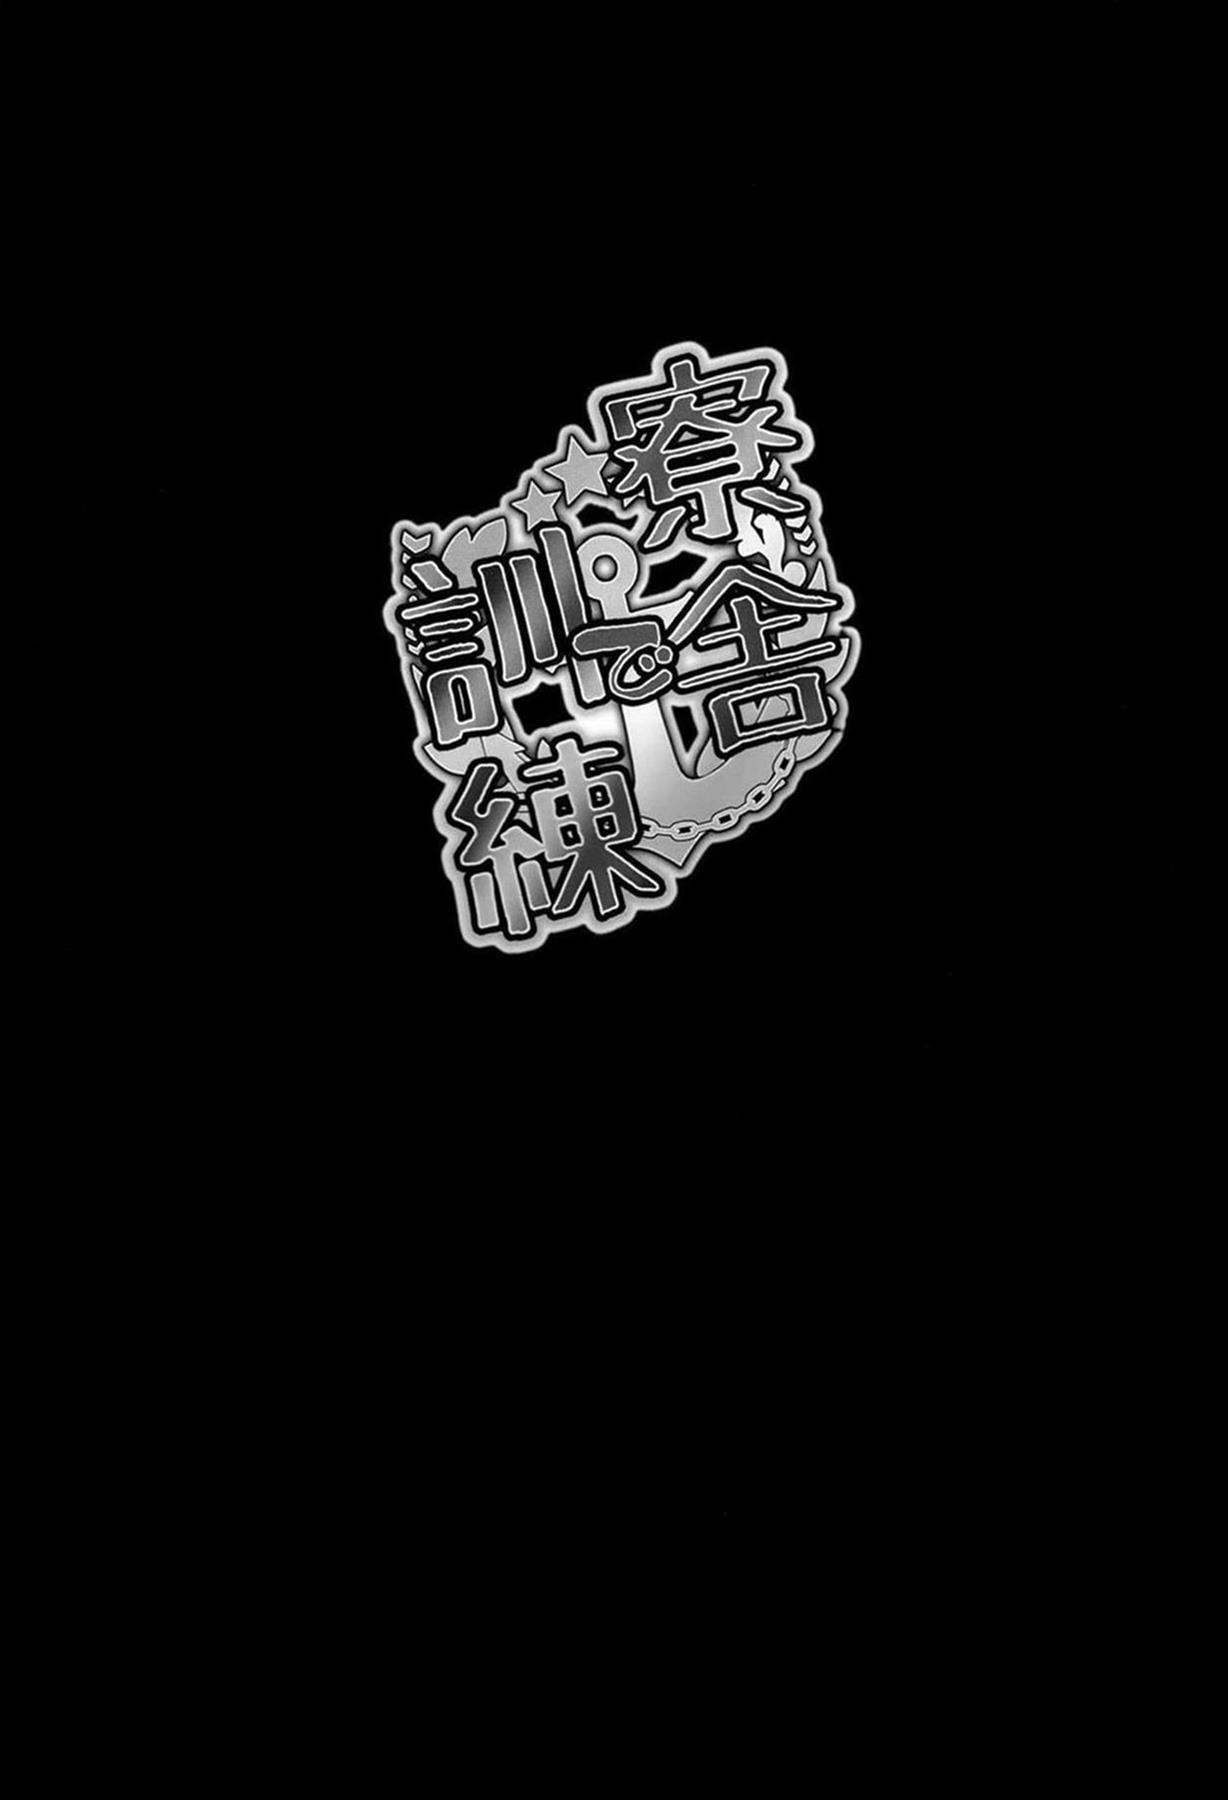 【エロ同人誌 アズールレーン】パイズリや足コキでご奉仕してくれる高雄にきわどい水着を着てもらって生ハメセックス♪【無料 エロ漫画】 (2)